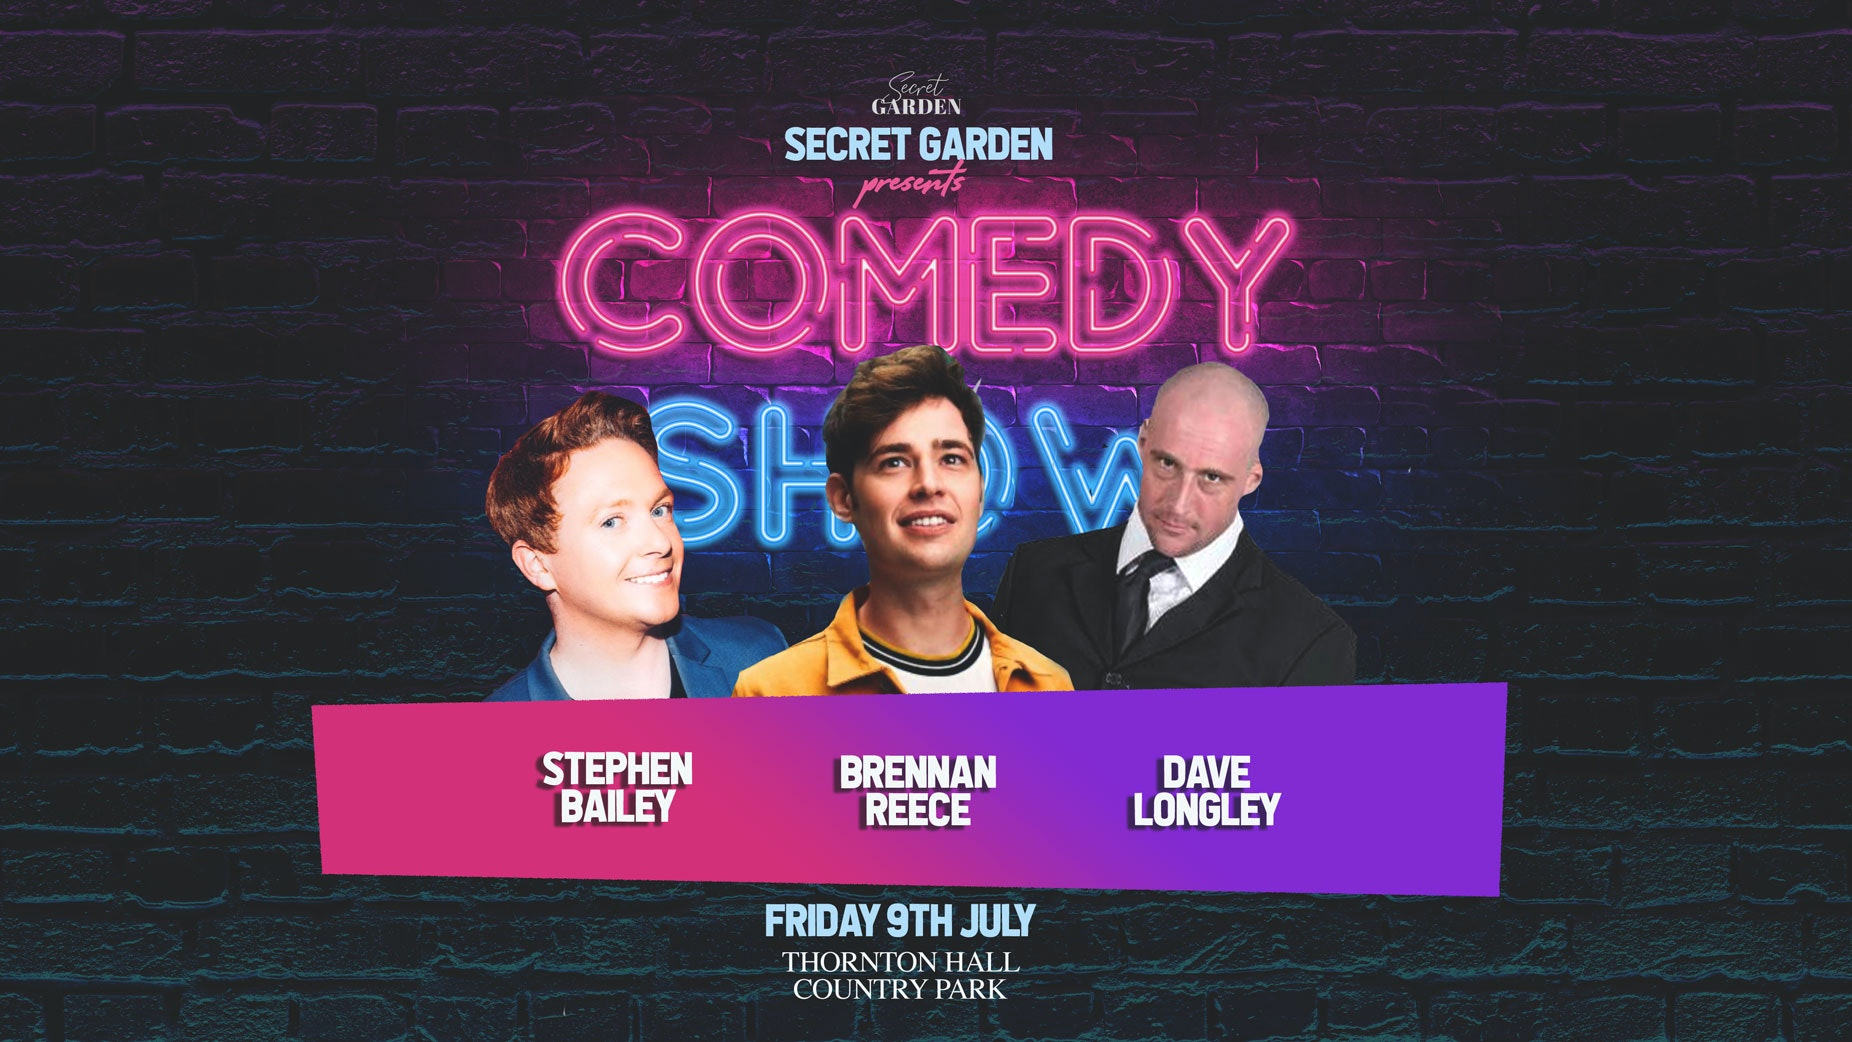 Secret Garden Comedy Night ft Stephen Bailey, Brennan Reece, Dave Longley